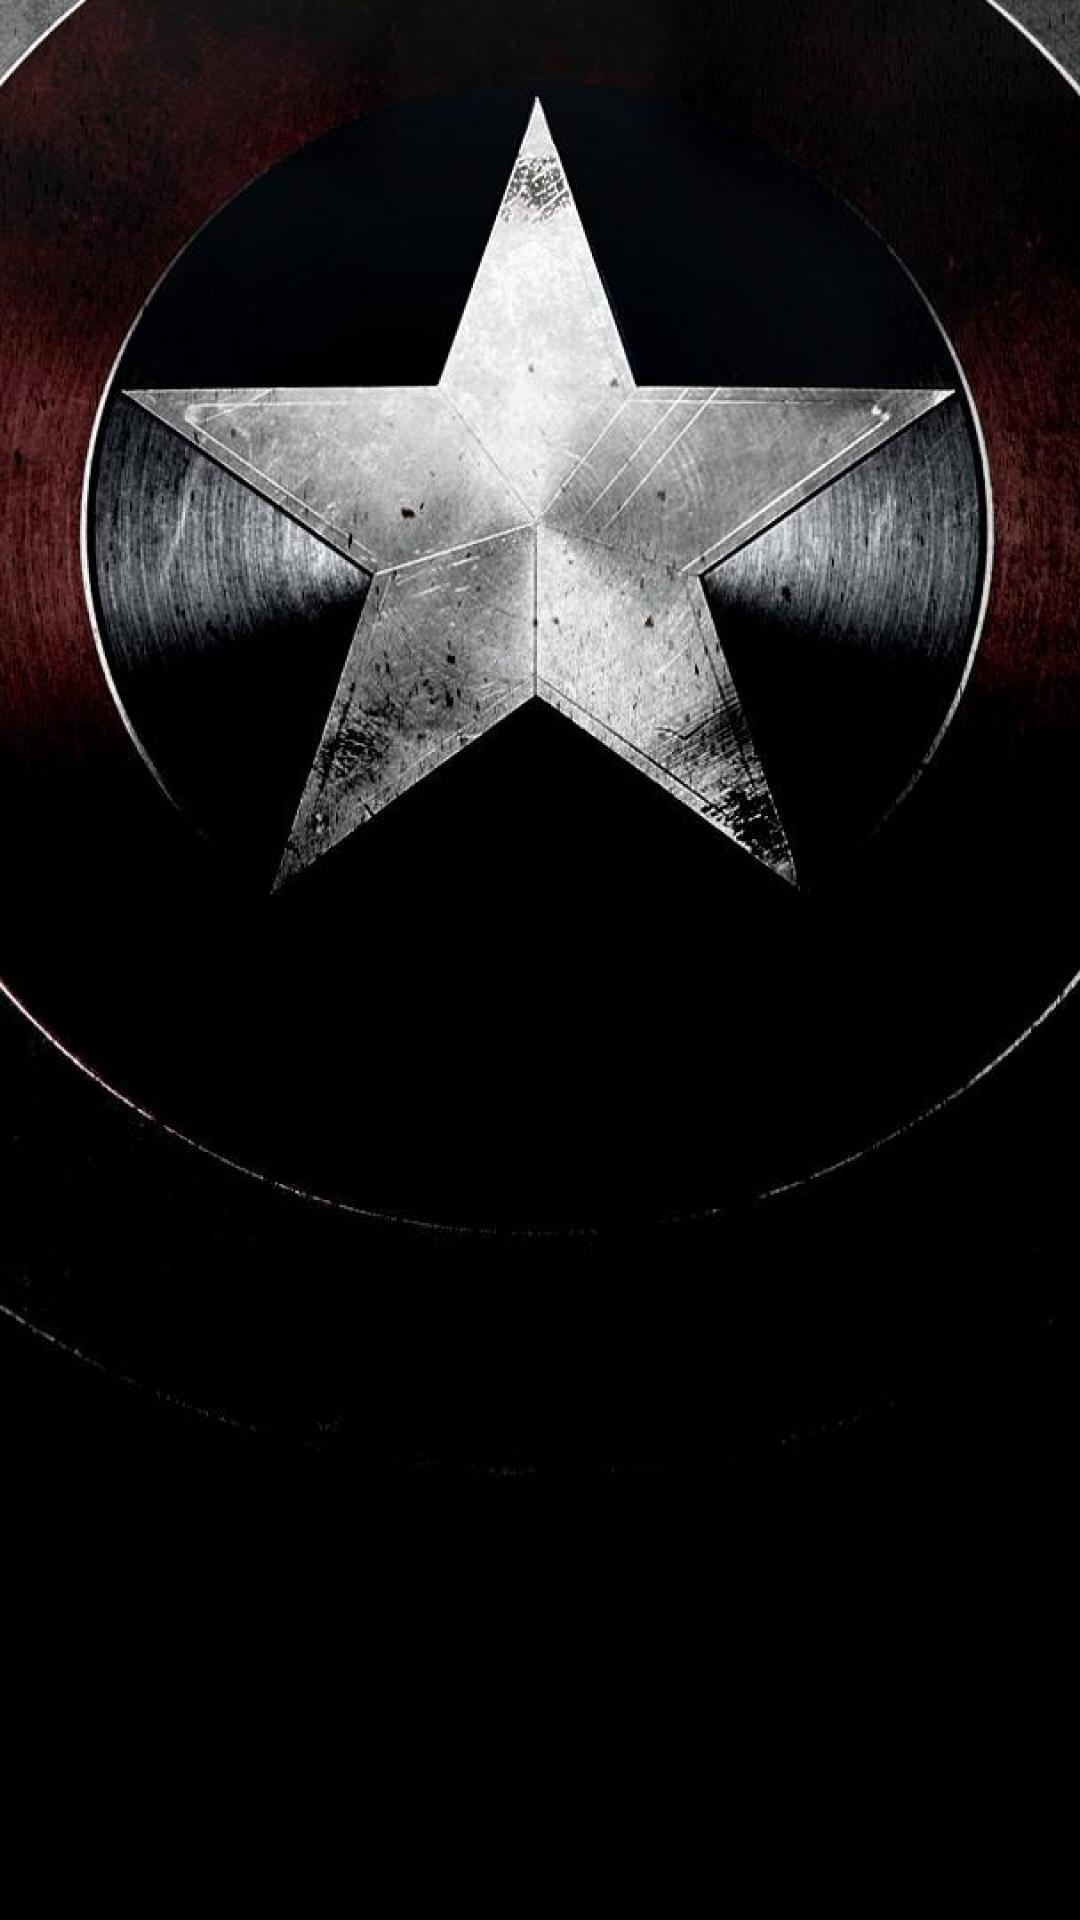 Captain America Civil War 1080p Wallpapers (72+ Images